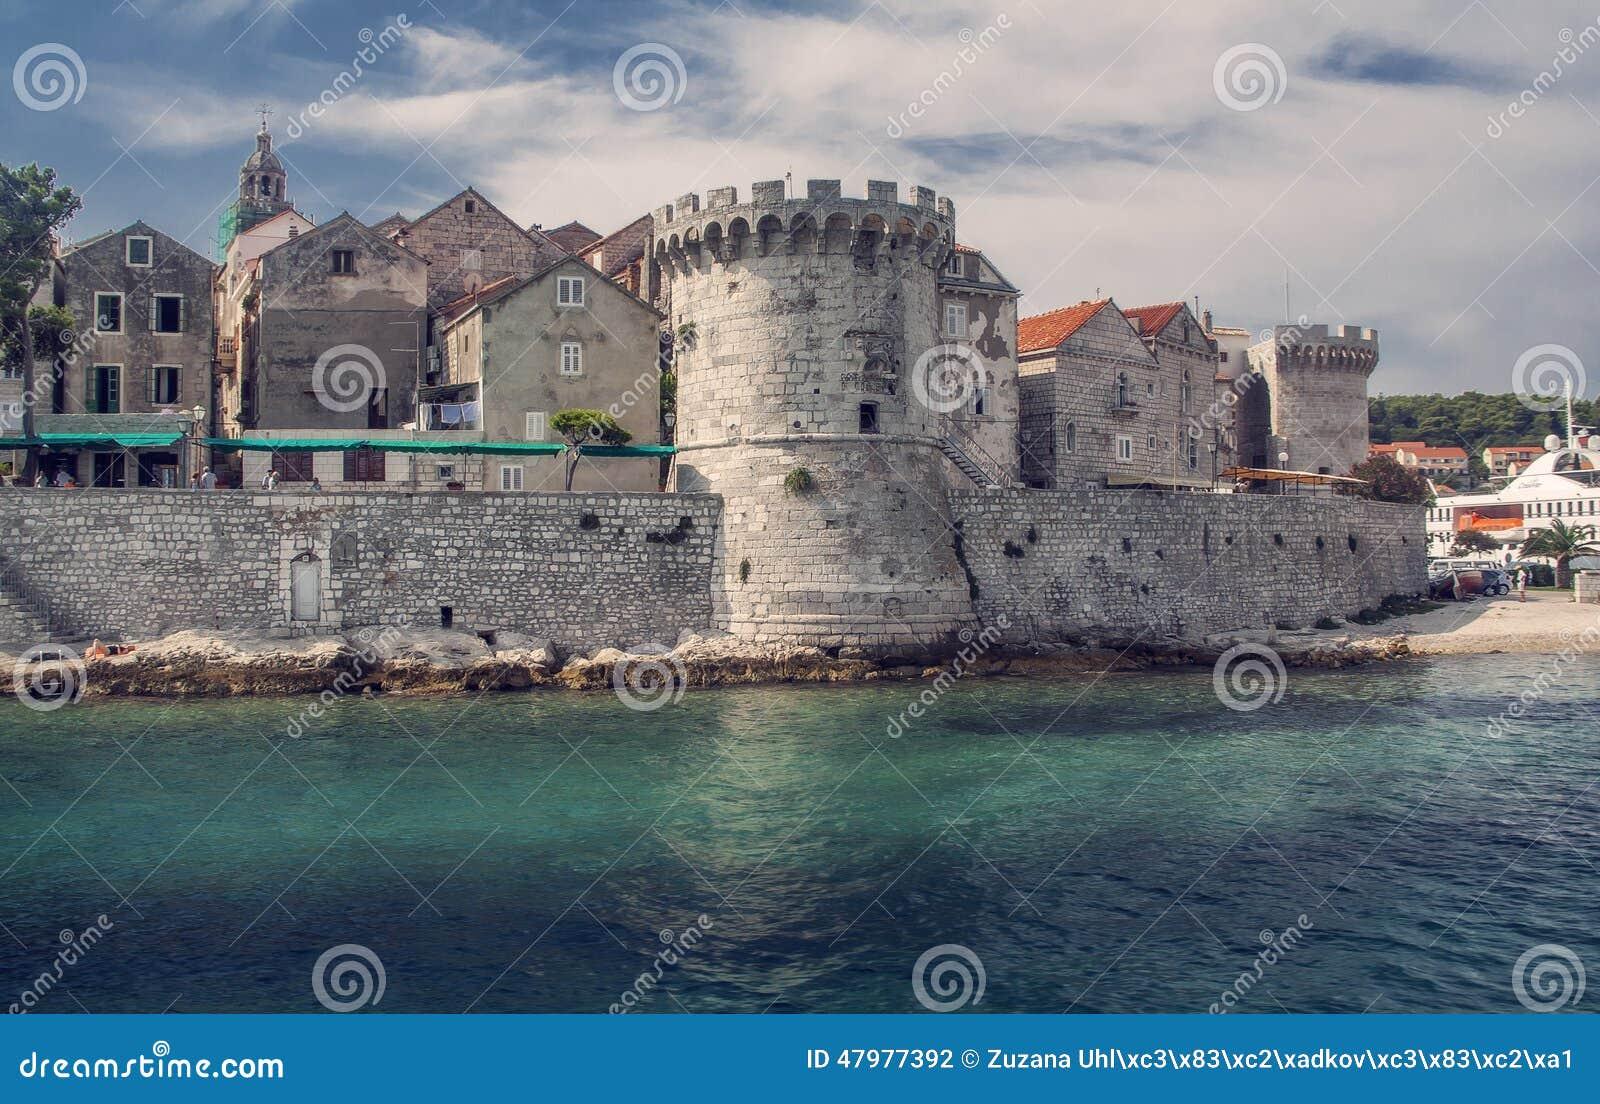 Ciudad vieja croata